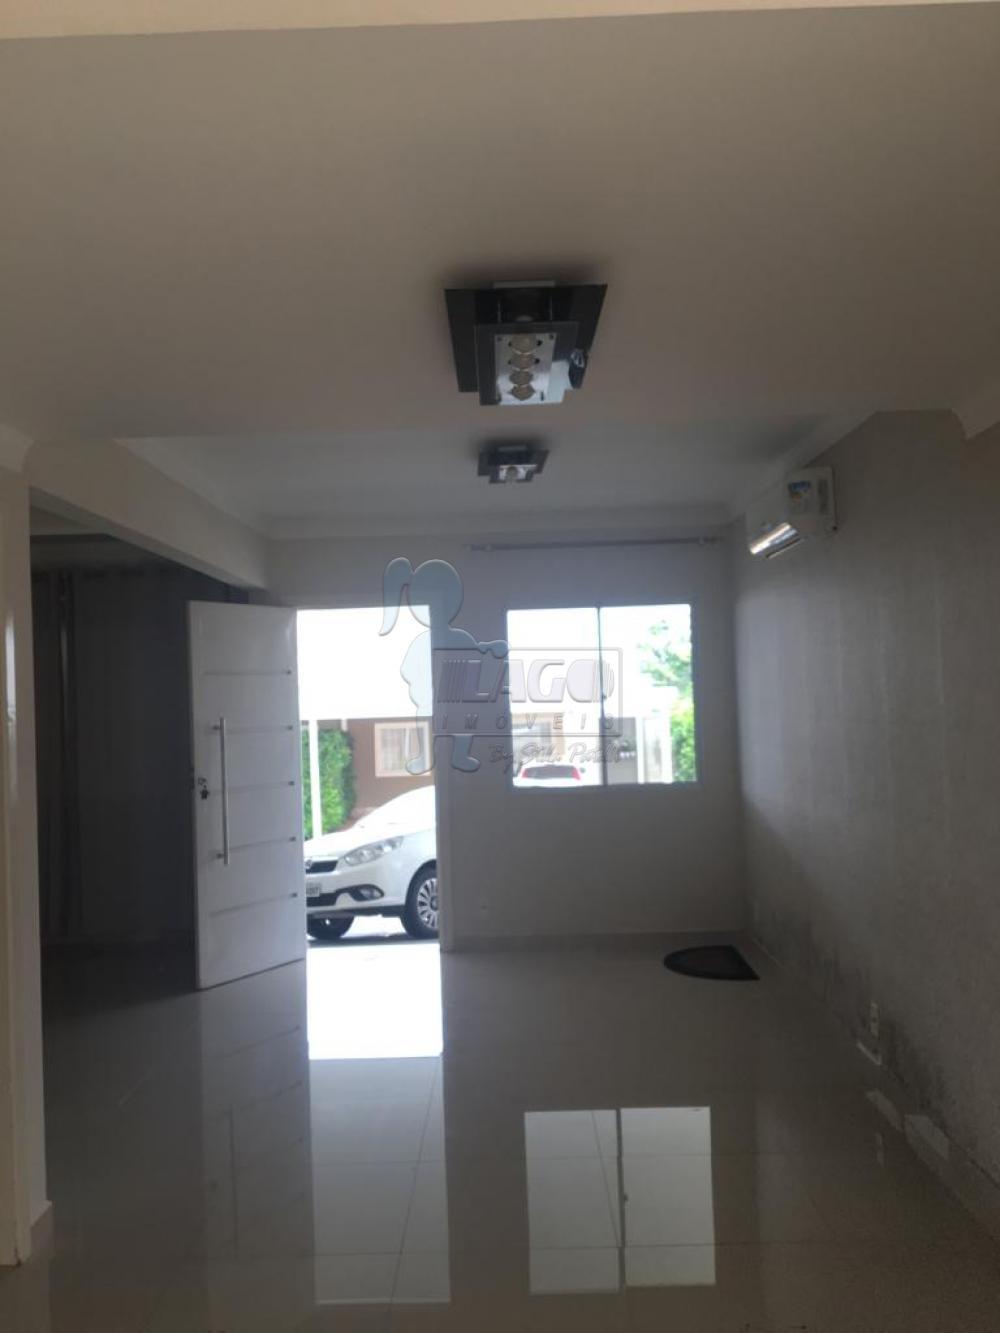 Alugar Casas / Condomínio em Ribeirão Preto apenas R$ 2.500,00 - Foto 3